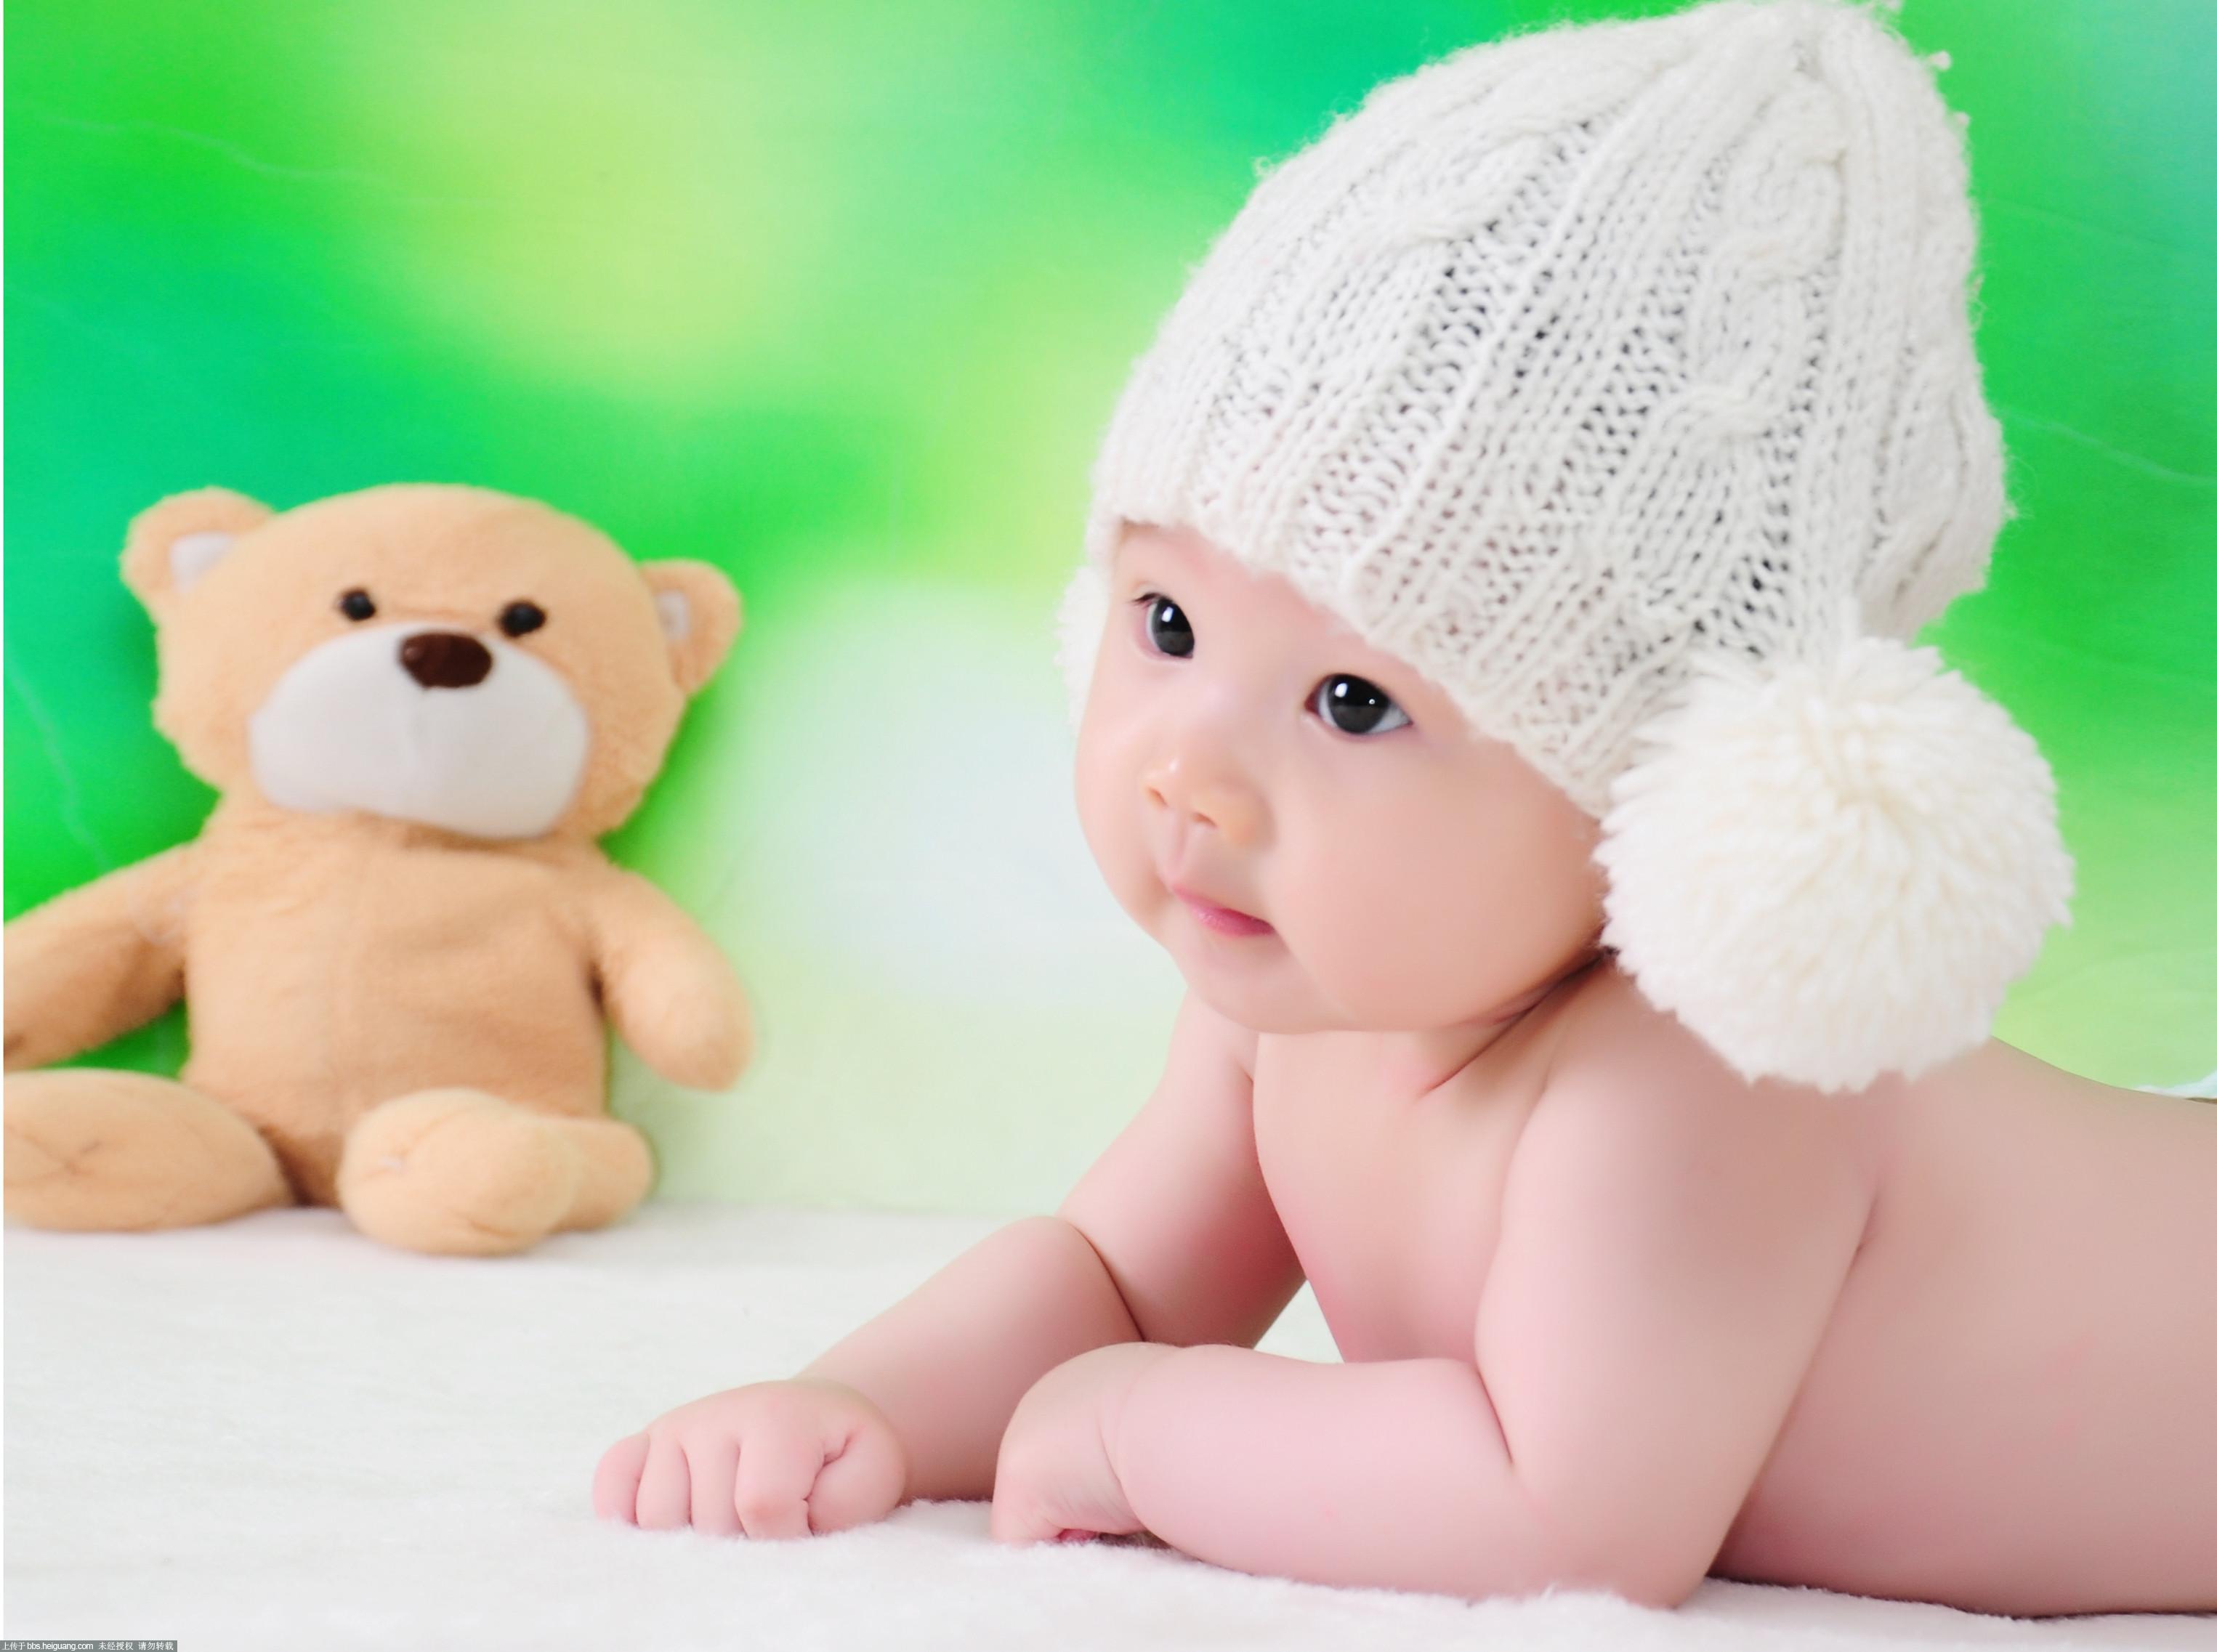 吐舌头的宝宝_儿童摄影作品